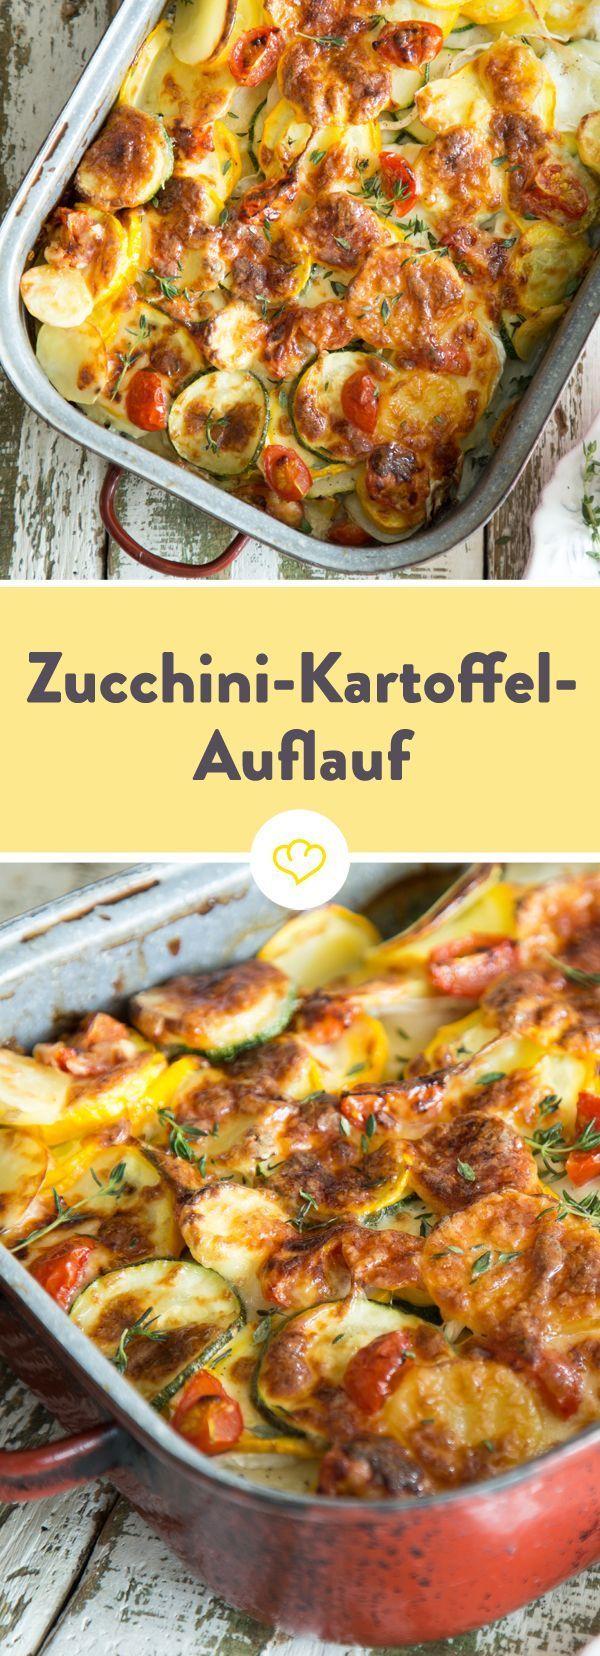 Zucchini-Auflauf mit Kartoffeln, Ziegenkäse und Parmesan